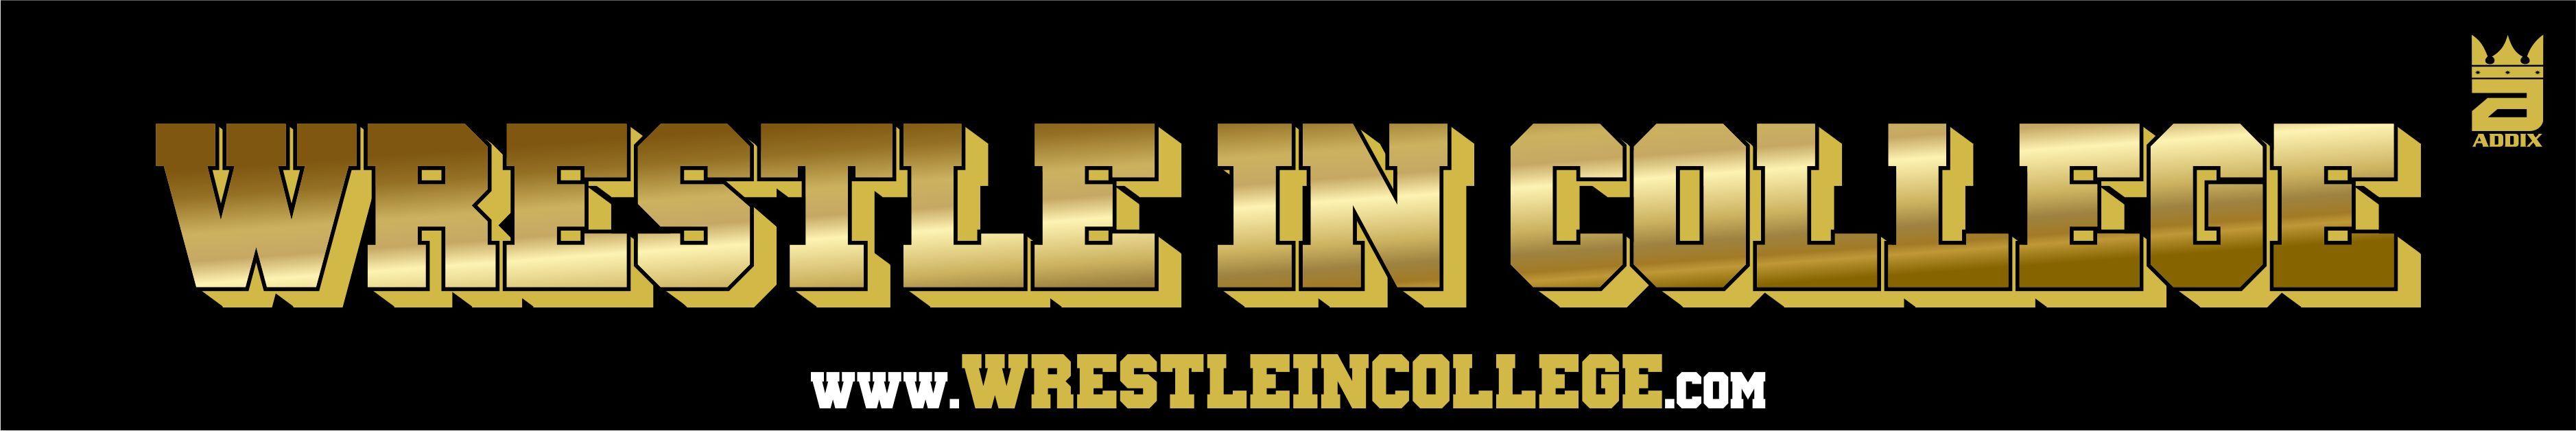 Je wrestle in college 2017 8 21 990x150 web banner